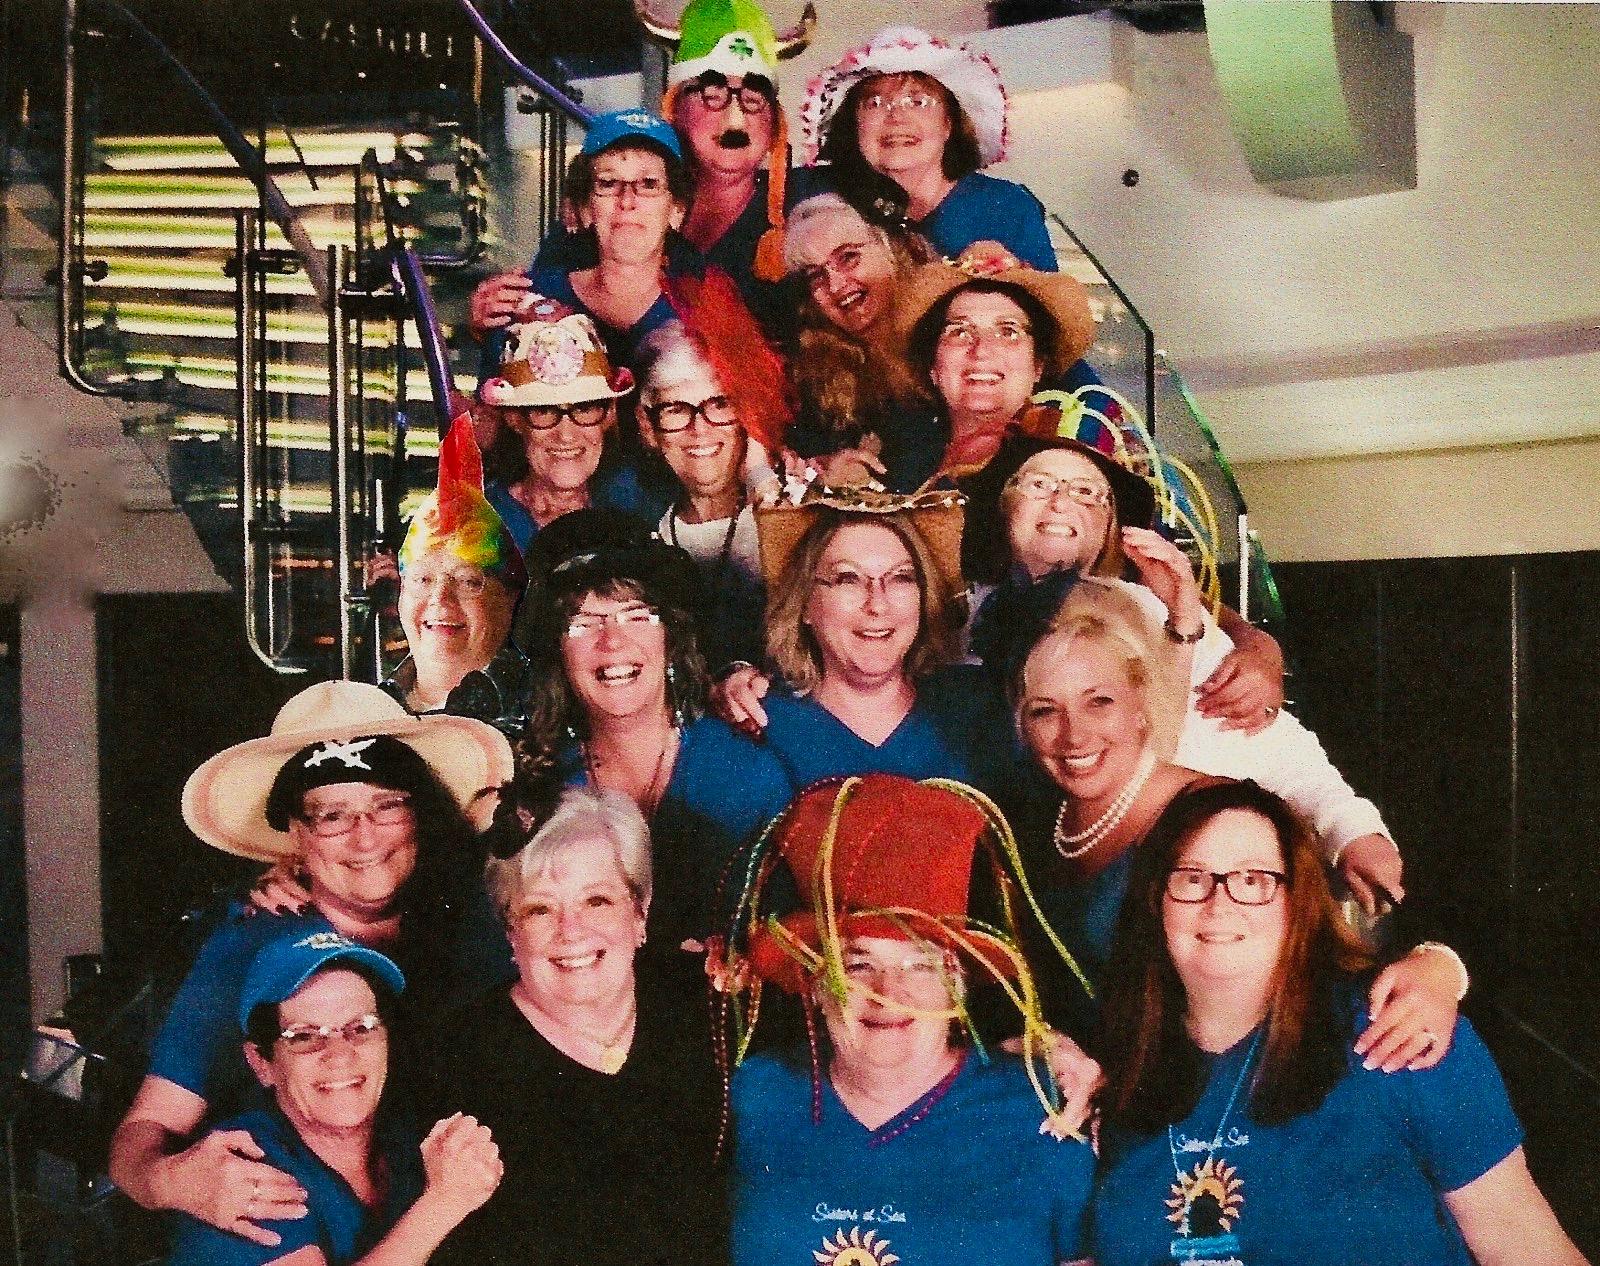 Who sez I missed the group photo? ;-) Thanks Liz!